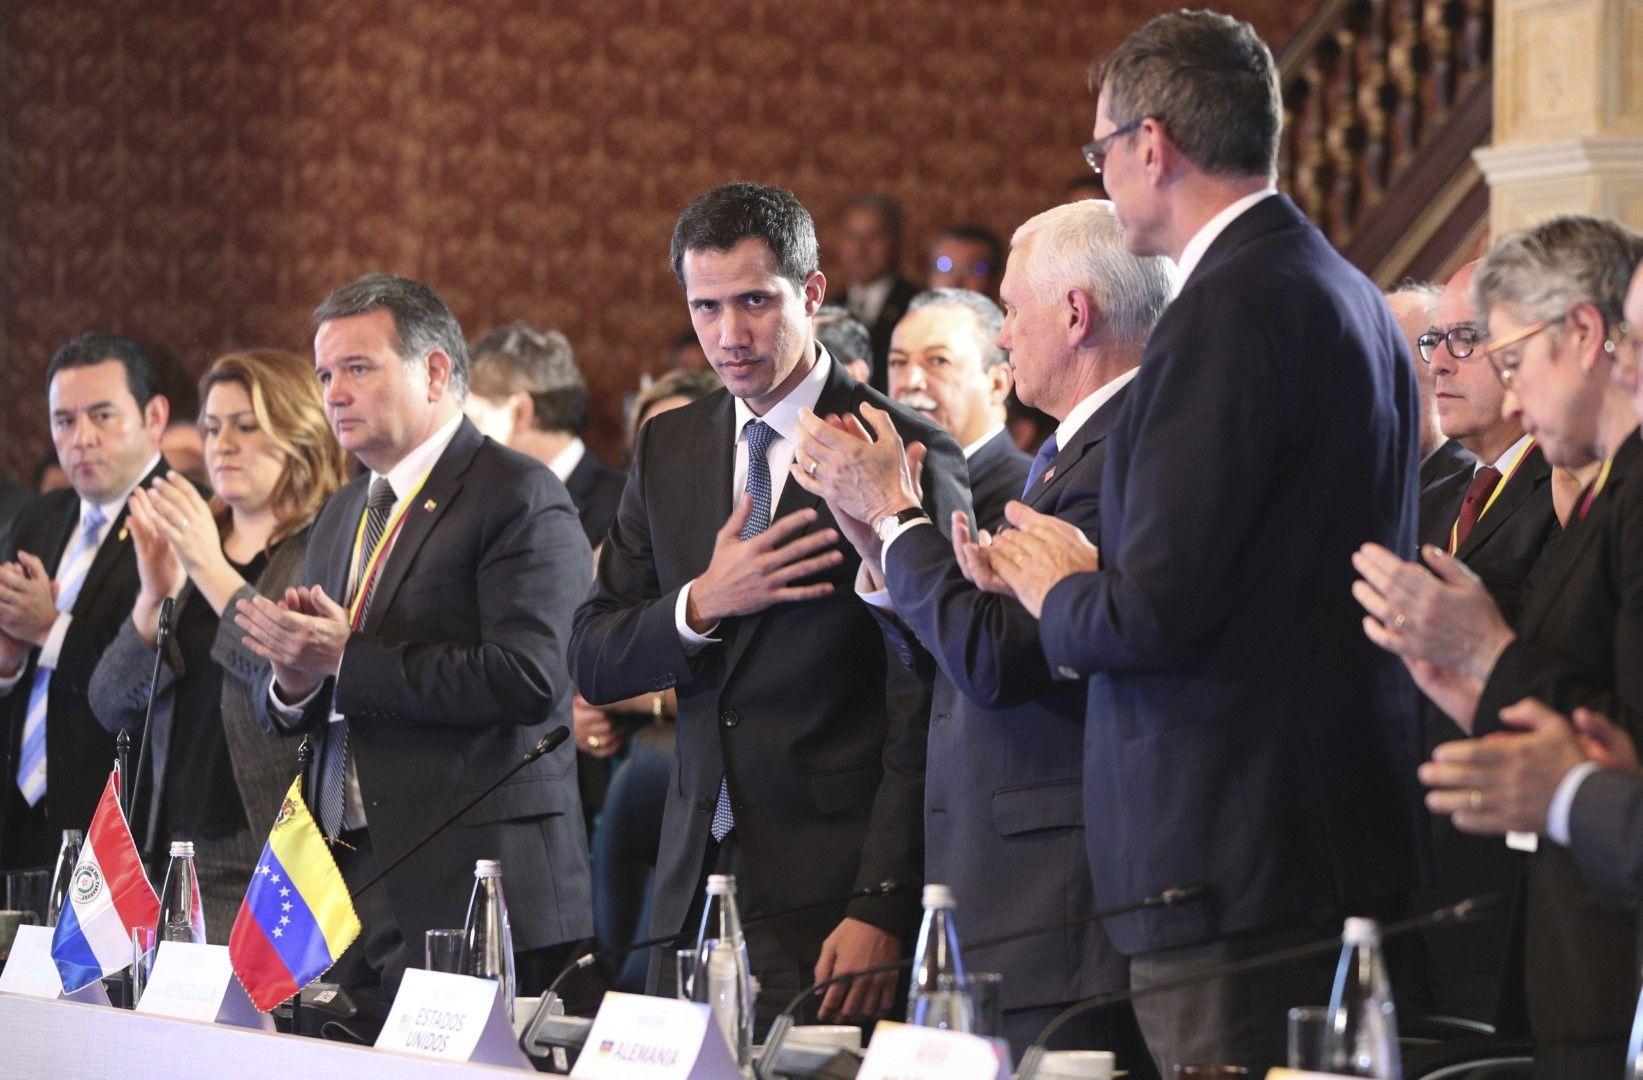 Хуан Гуаидо сред лидери на Латиноамерикански страни от Групата Лима. На преден план е и вицепрезидентът на САЩ Майк Пенс